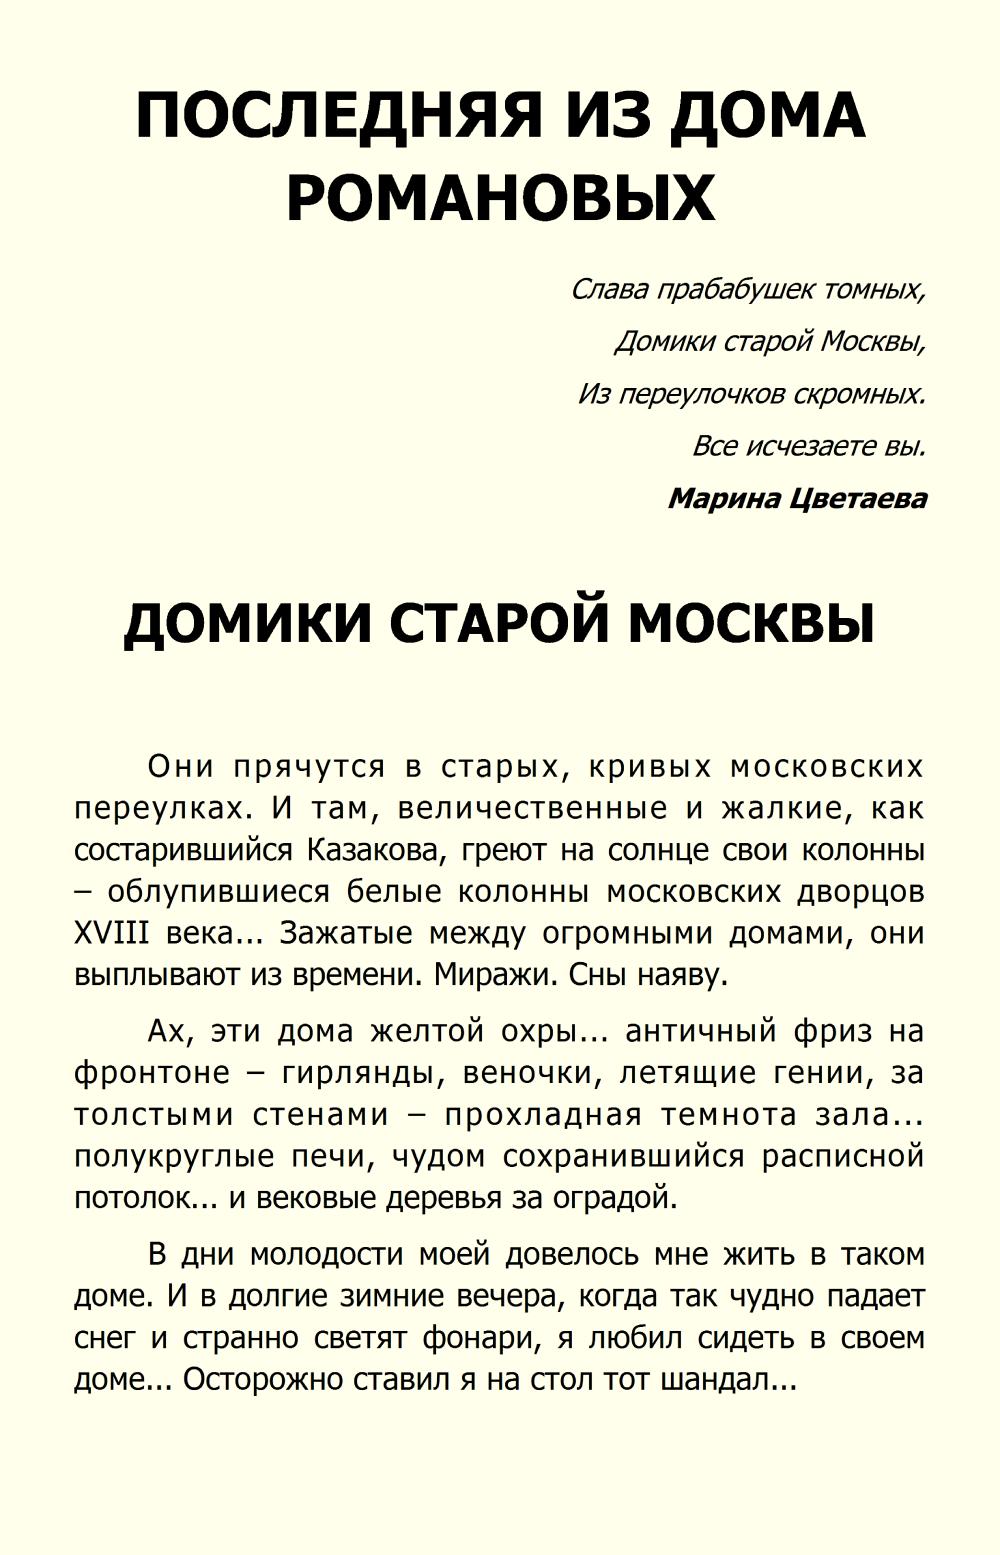 http://i3.imageban.ru/out/2013/11/10/d83ed48f2bbb773ba0480bcff9e74c4e.jpg